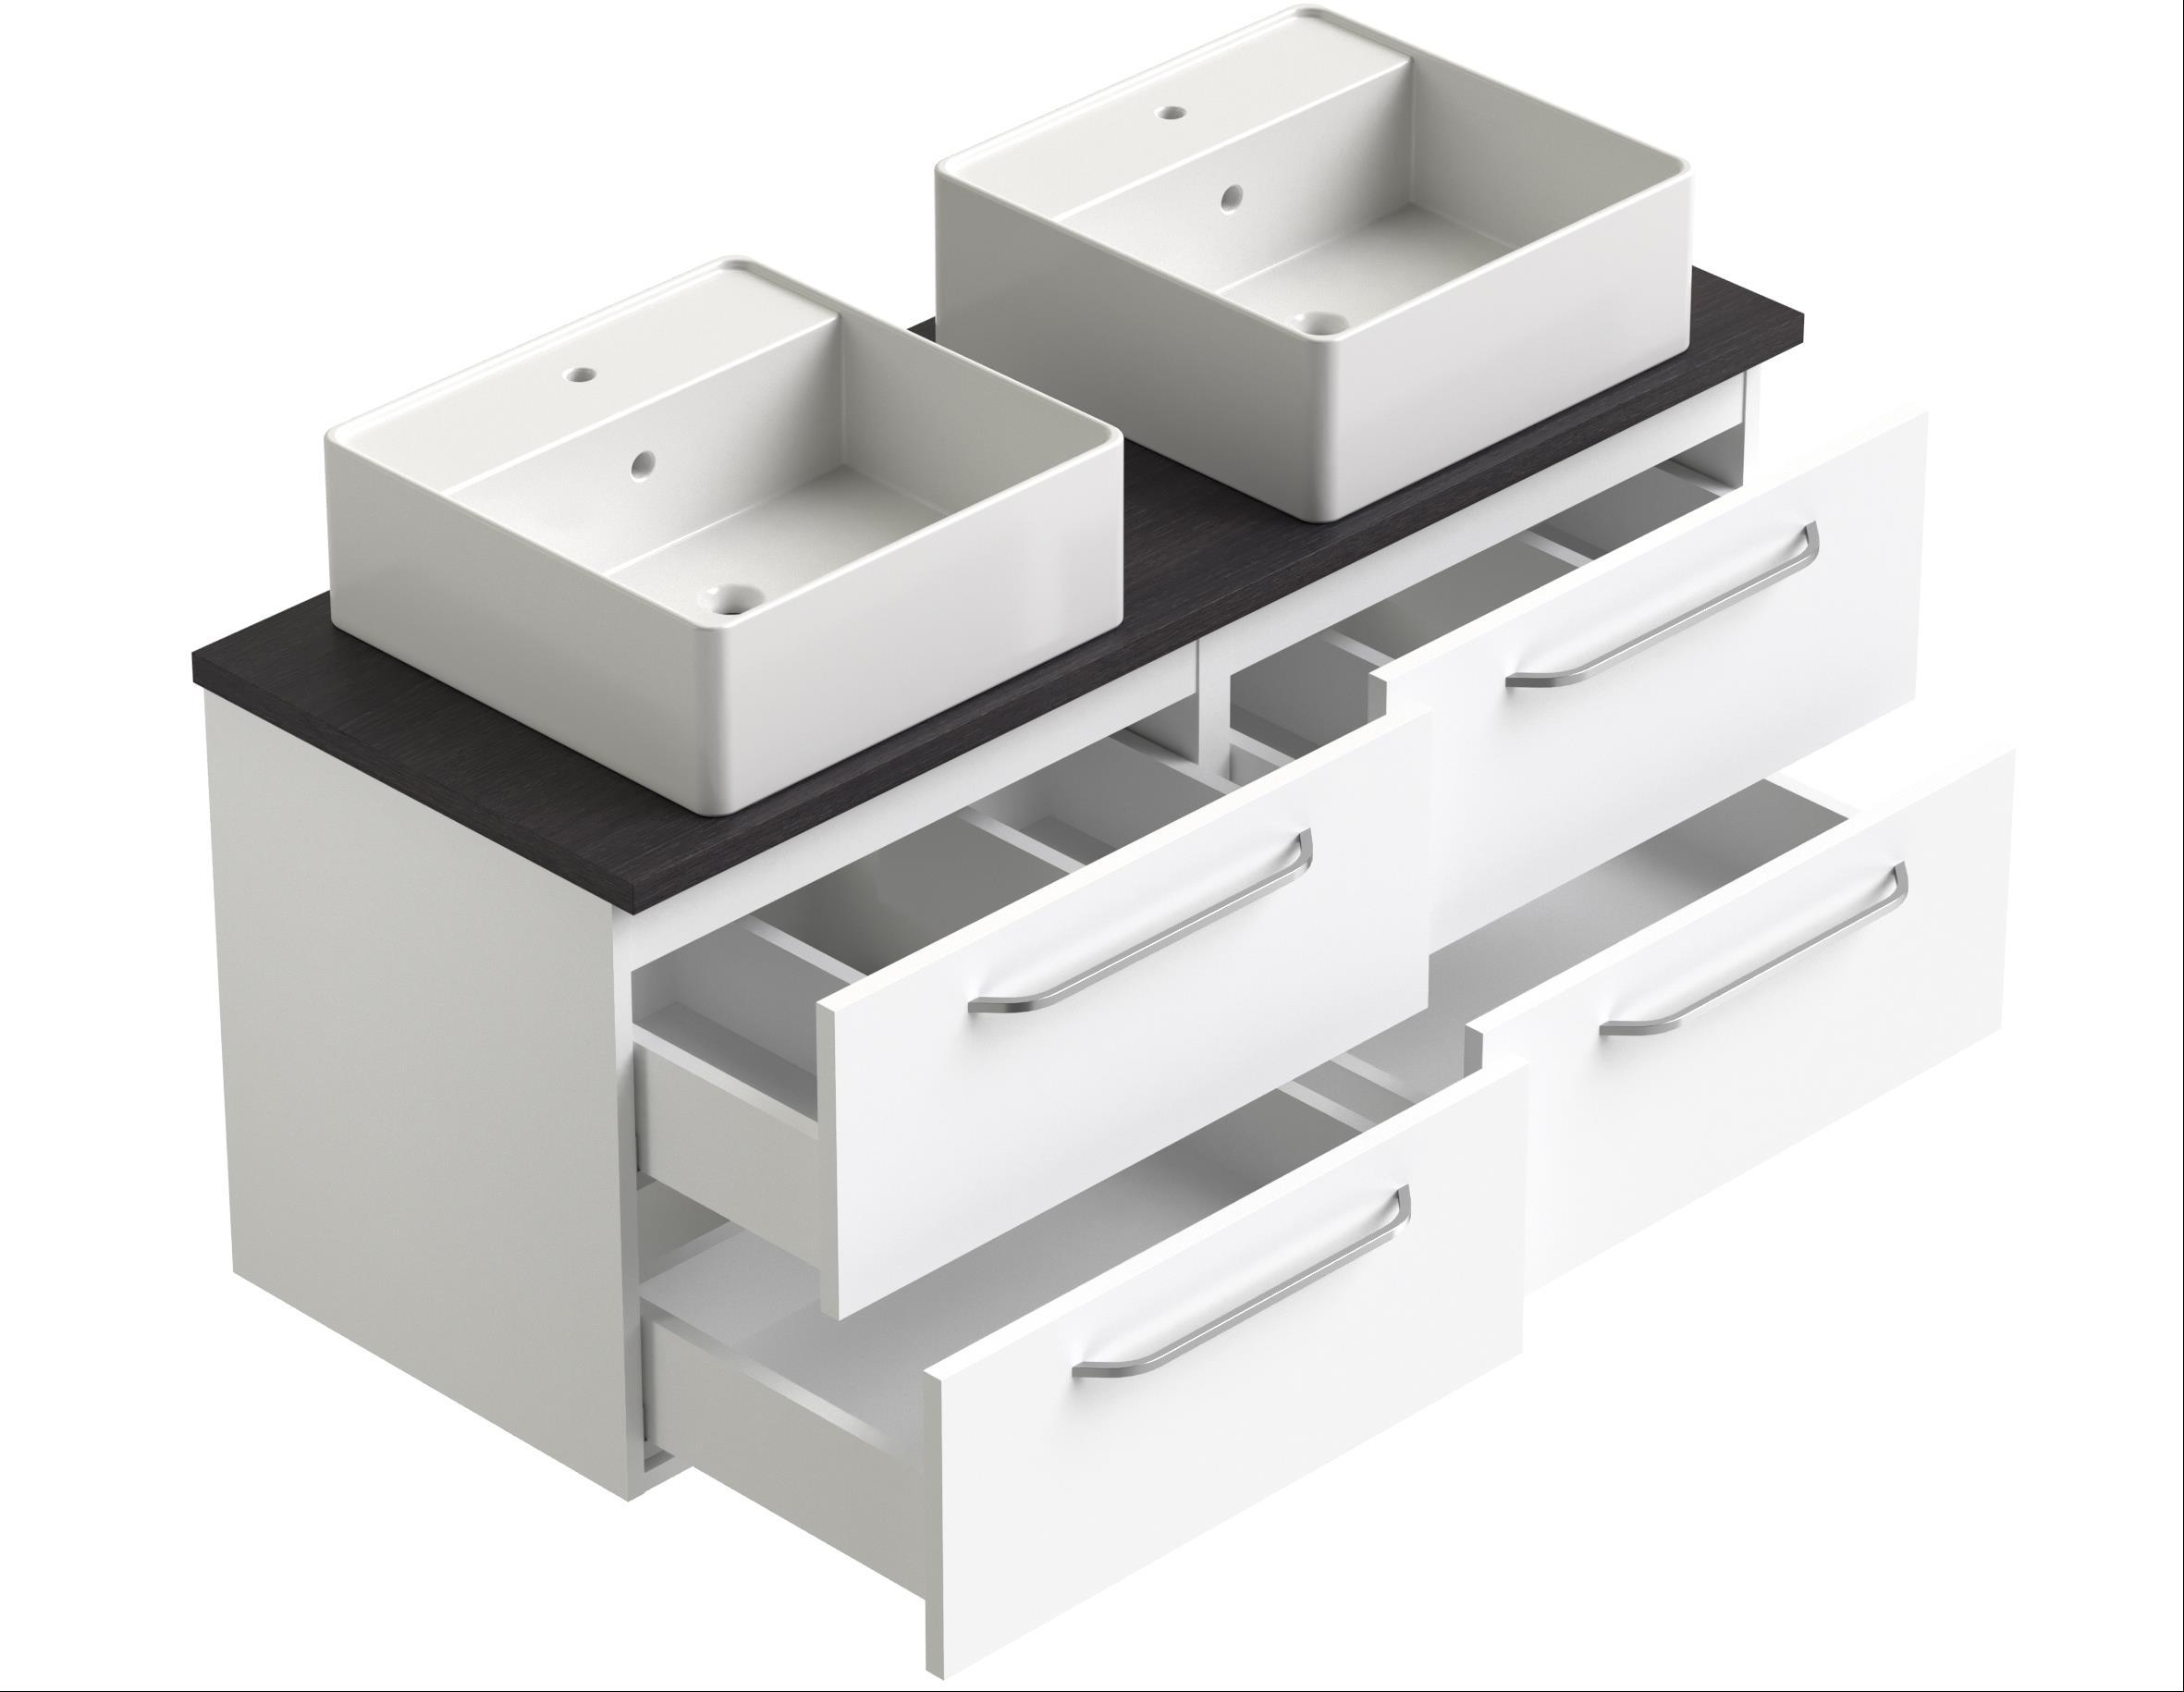 Bad Waschtischunterschrank mit Waschtischplatte und 2 runden Aufsatzbecken Luna 120 Weiß glänzend/Eiche schwarz Bild 3